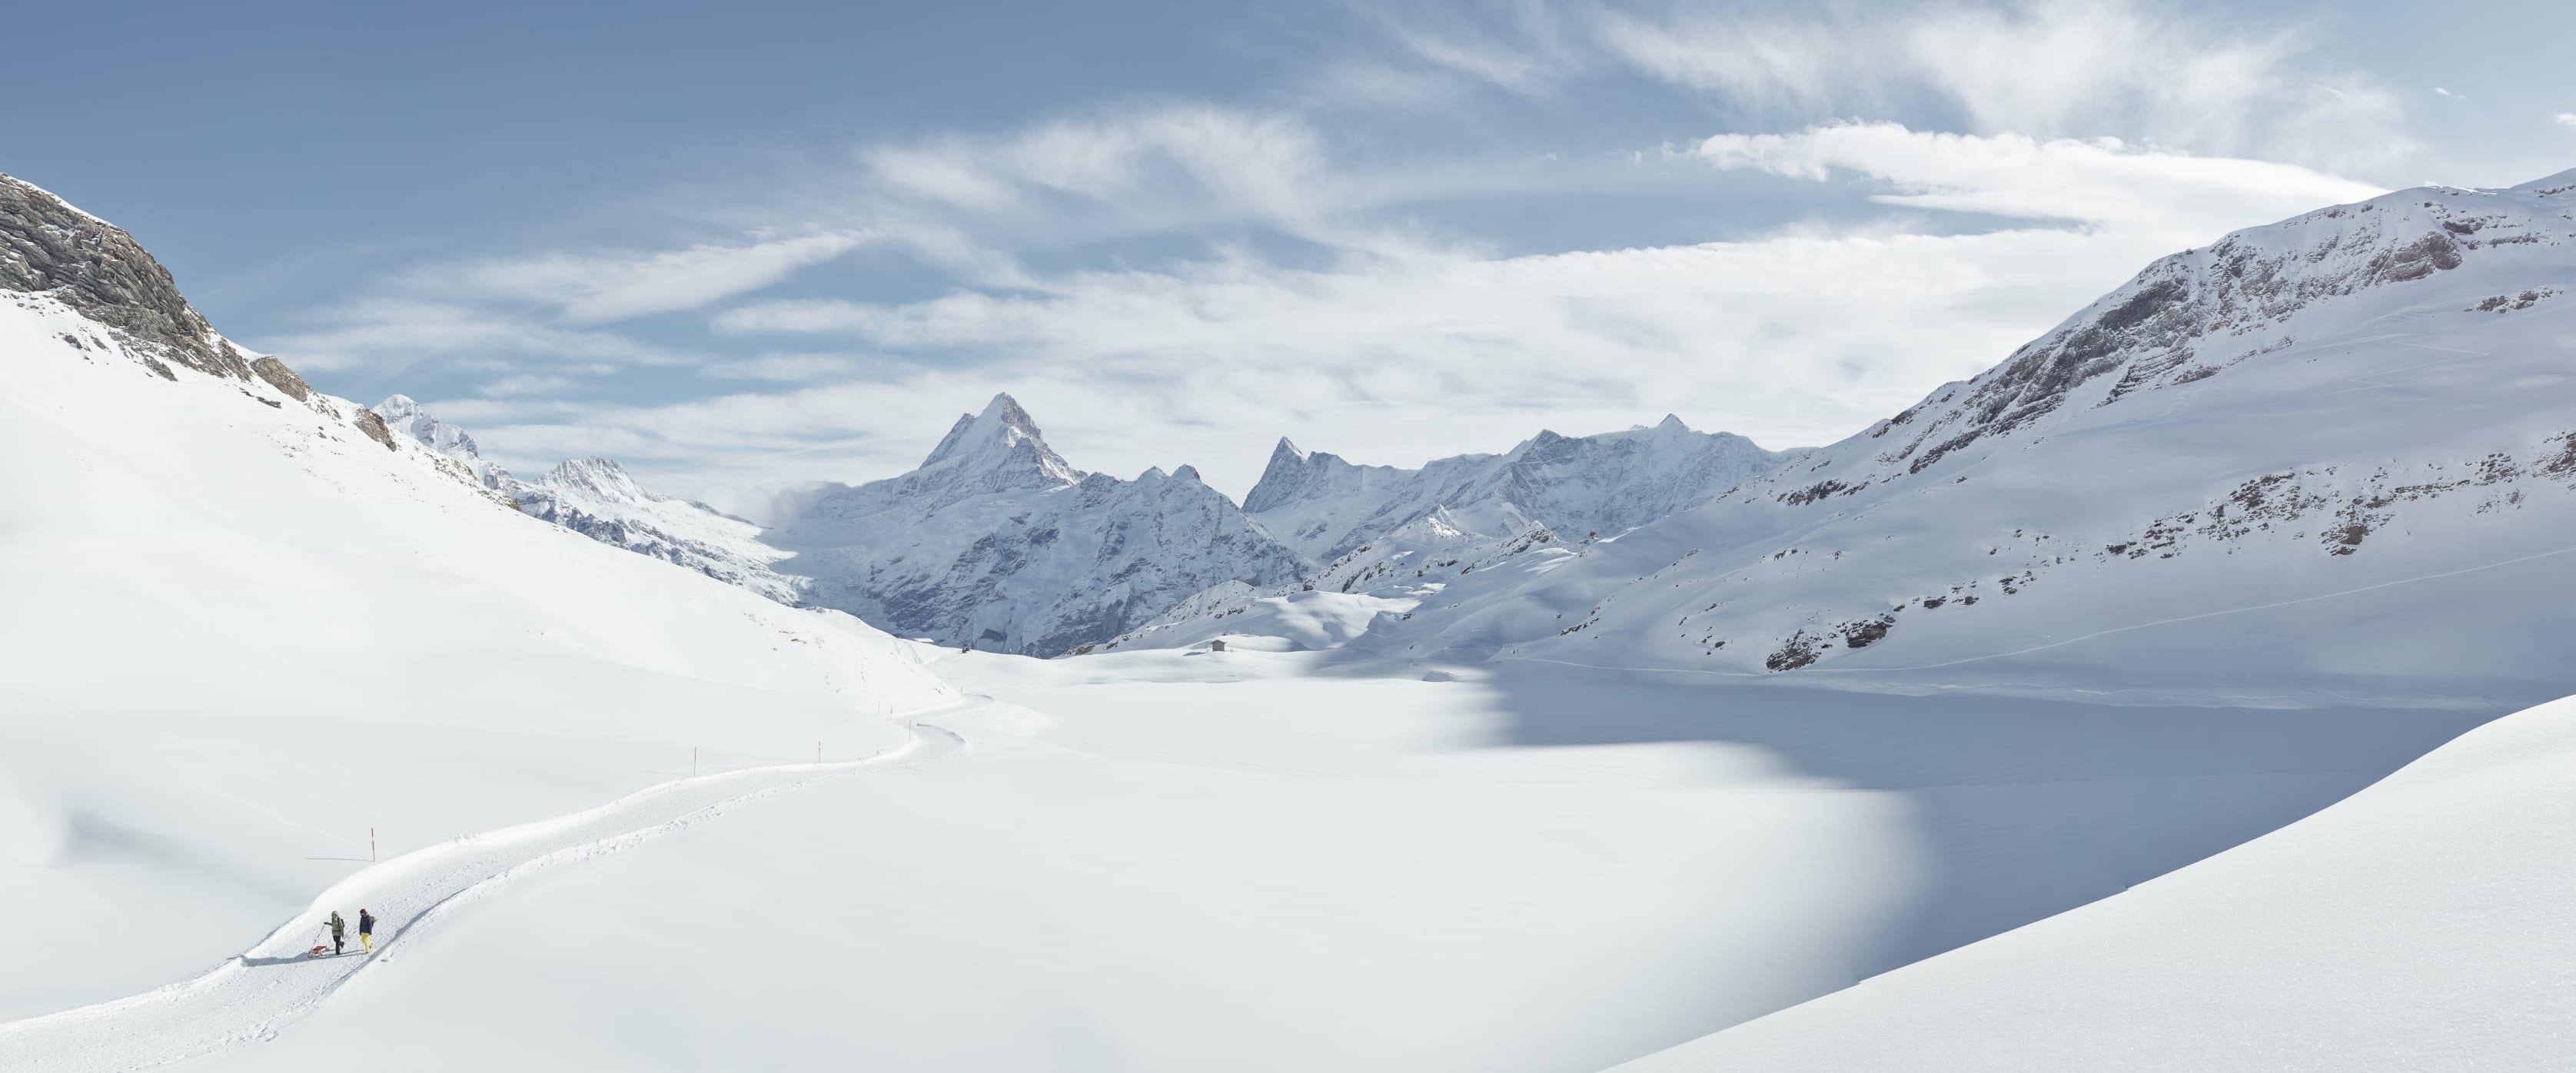 Bachalpsee, Big-Pin5tenfritz, Erlebnisse-Aktivitaeten, Jungfrau-Ski-Region, Neuschnee, Schlitteln, Skigebiet-Grindelwald-First, Winter, Winterwandern